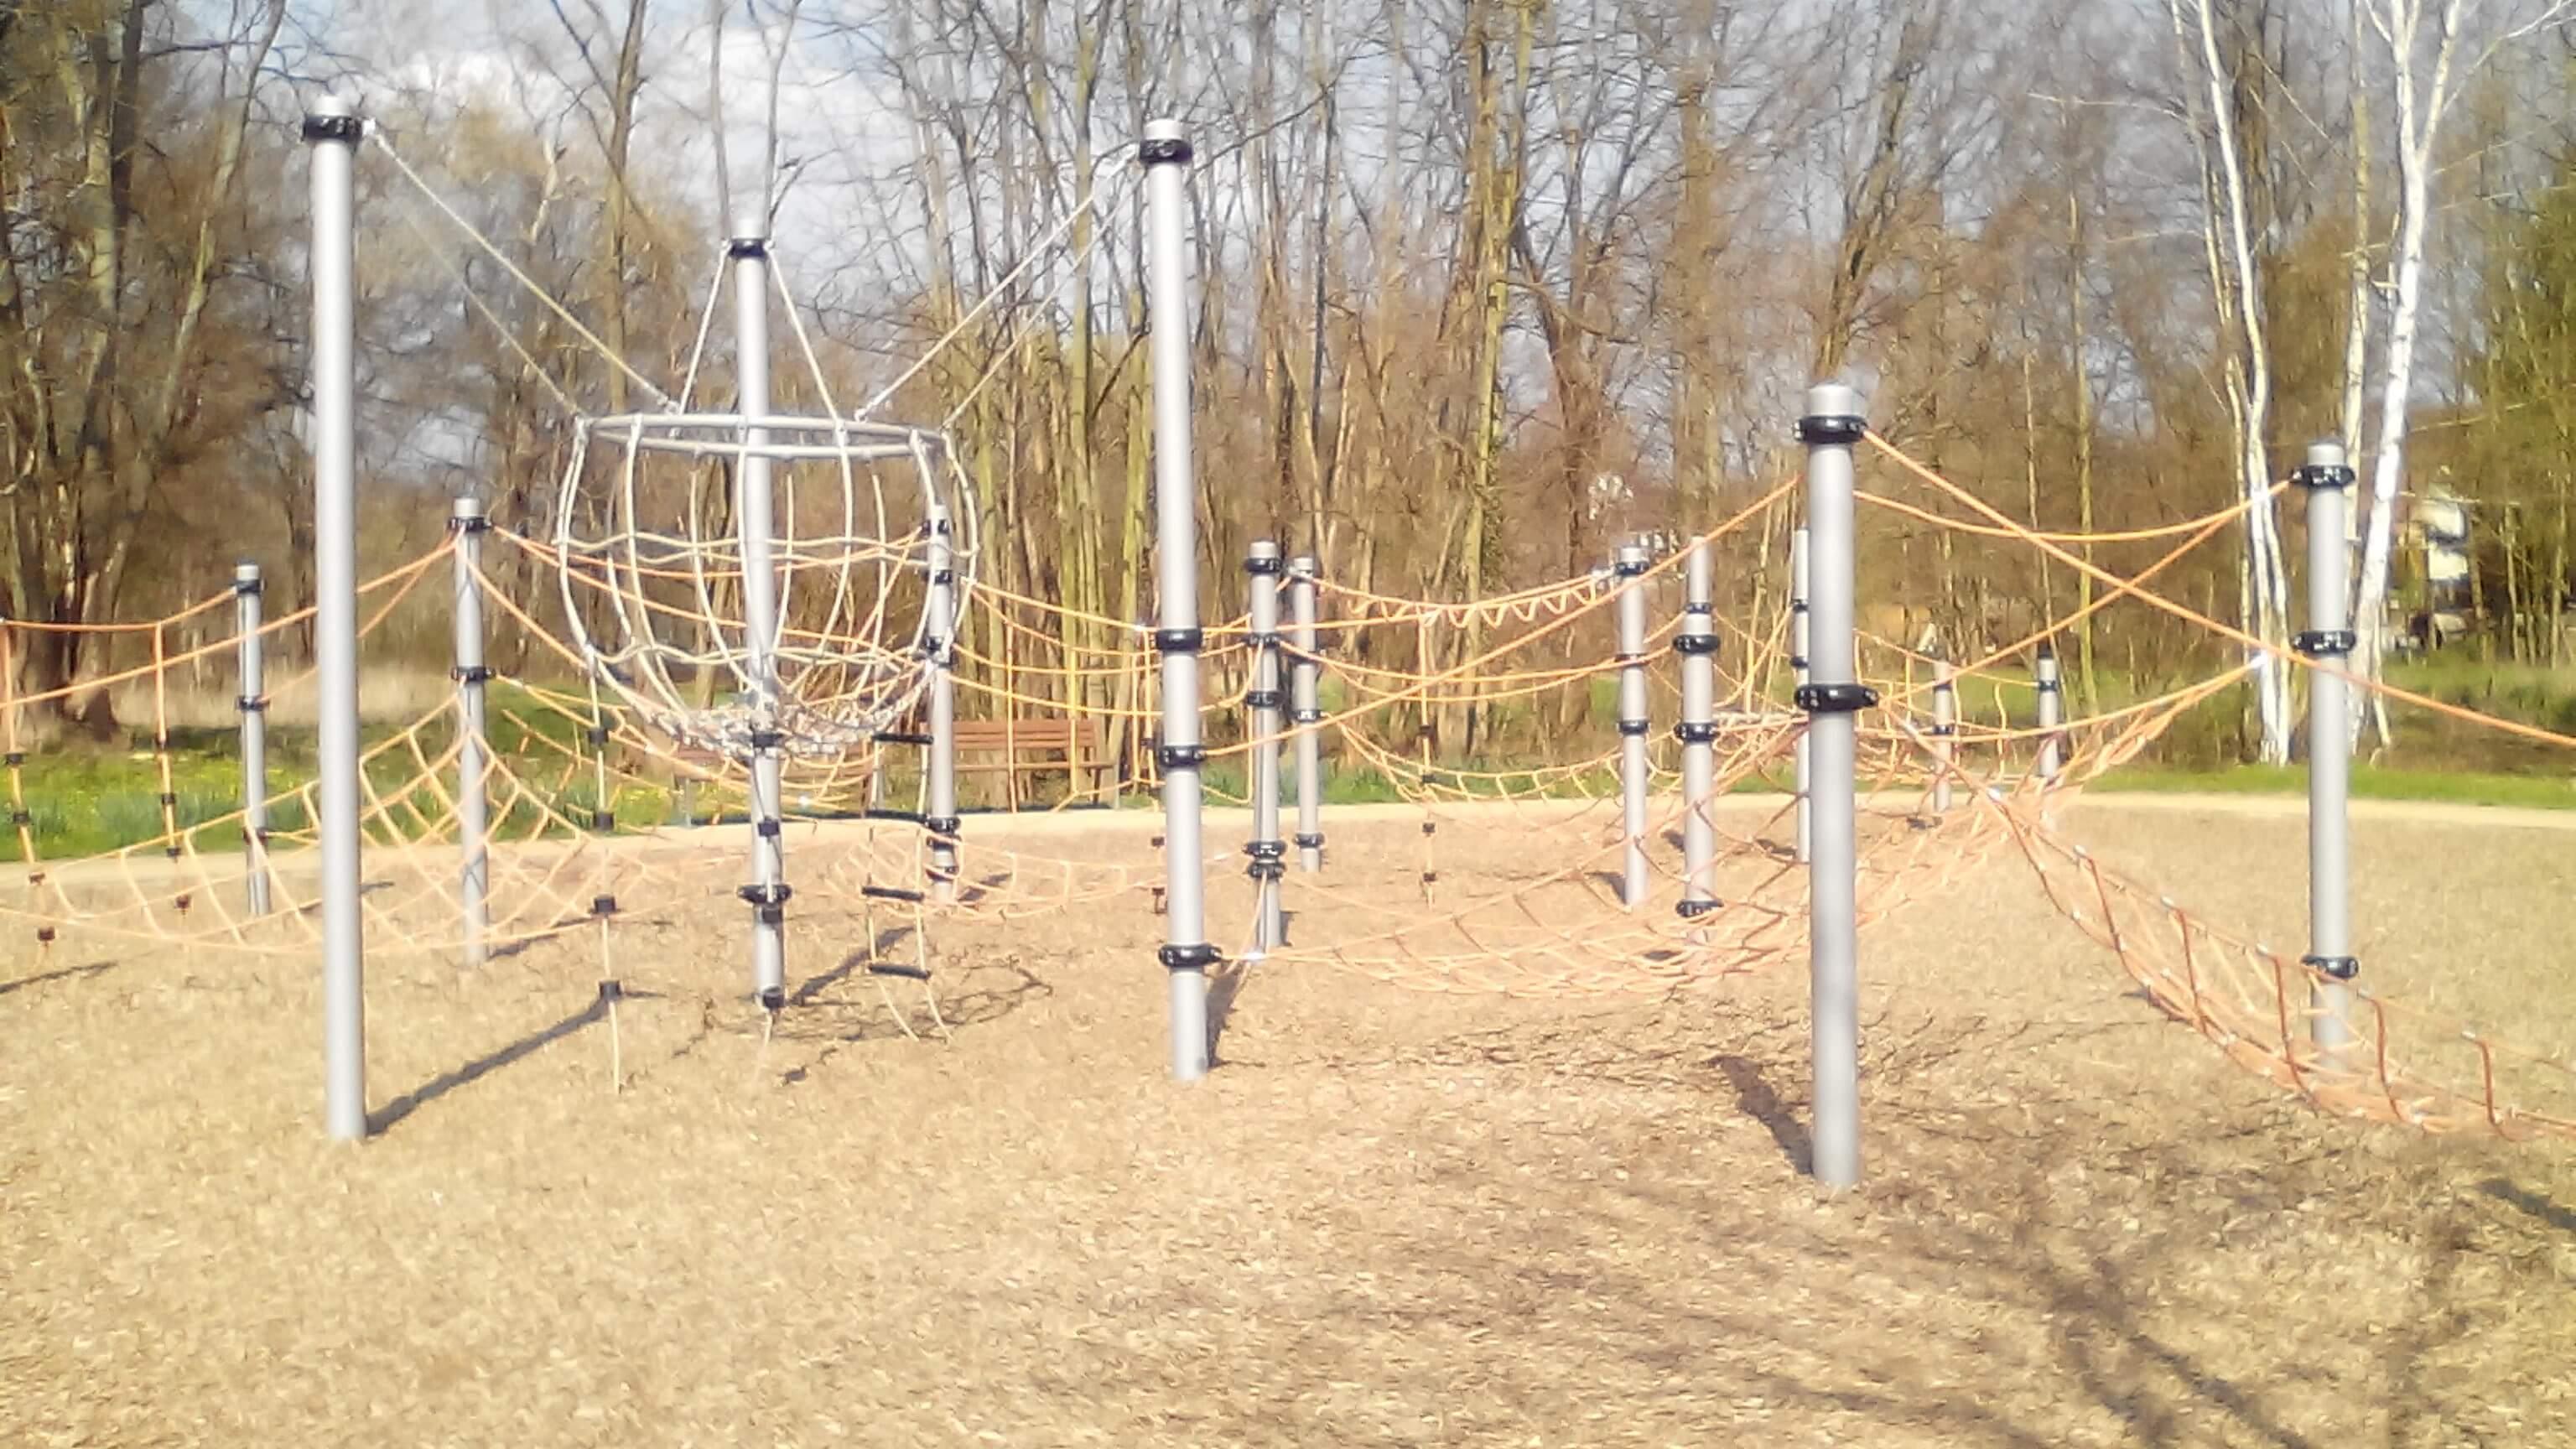 Spielplatz Kinder Klettergerüst (c) familienfreund.de